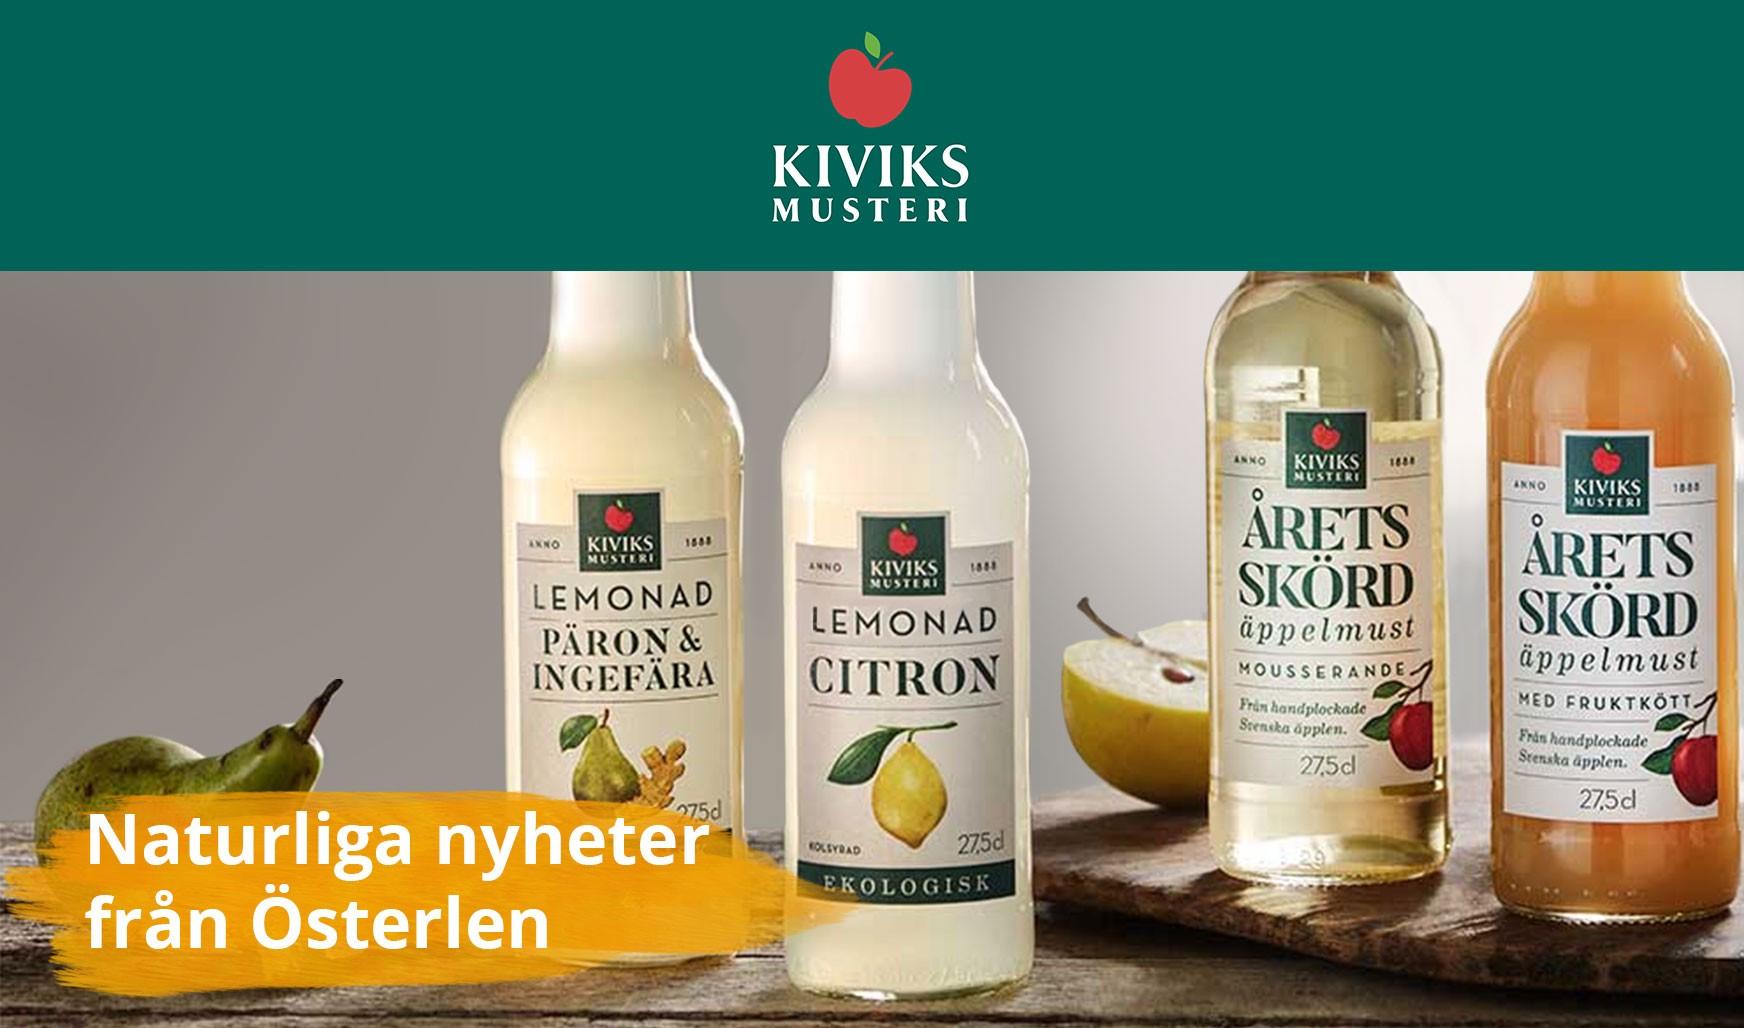 Törstsläckande drycker från Kiviks Musteri